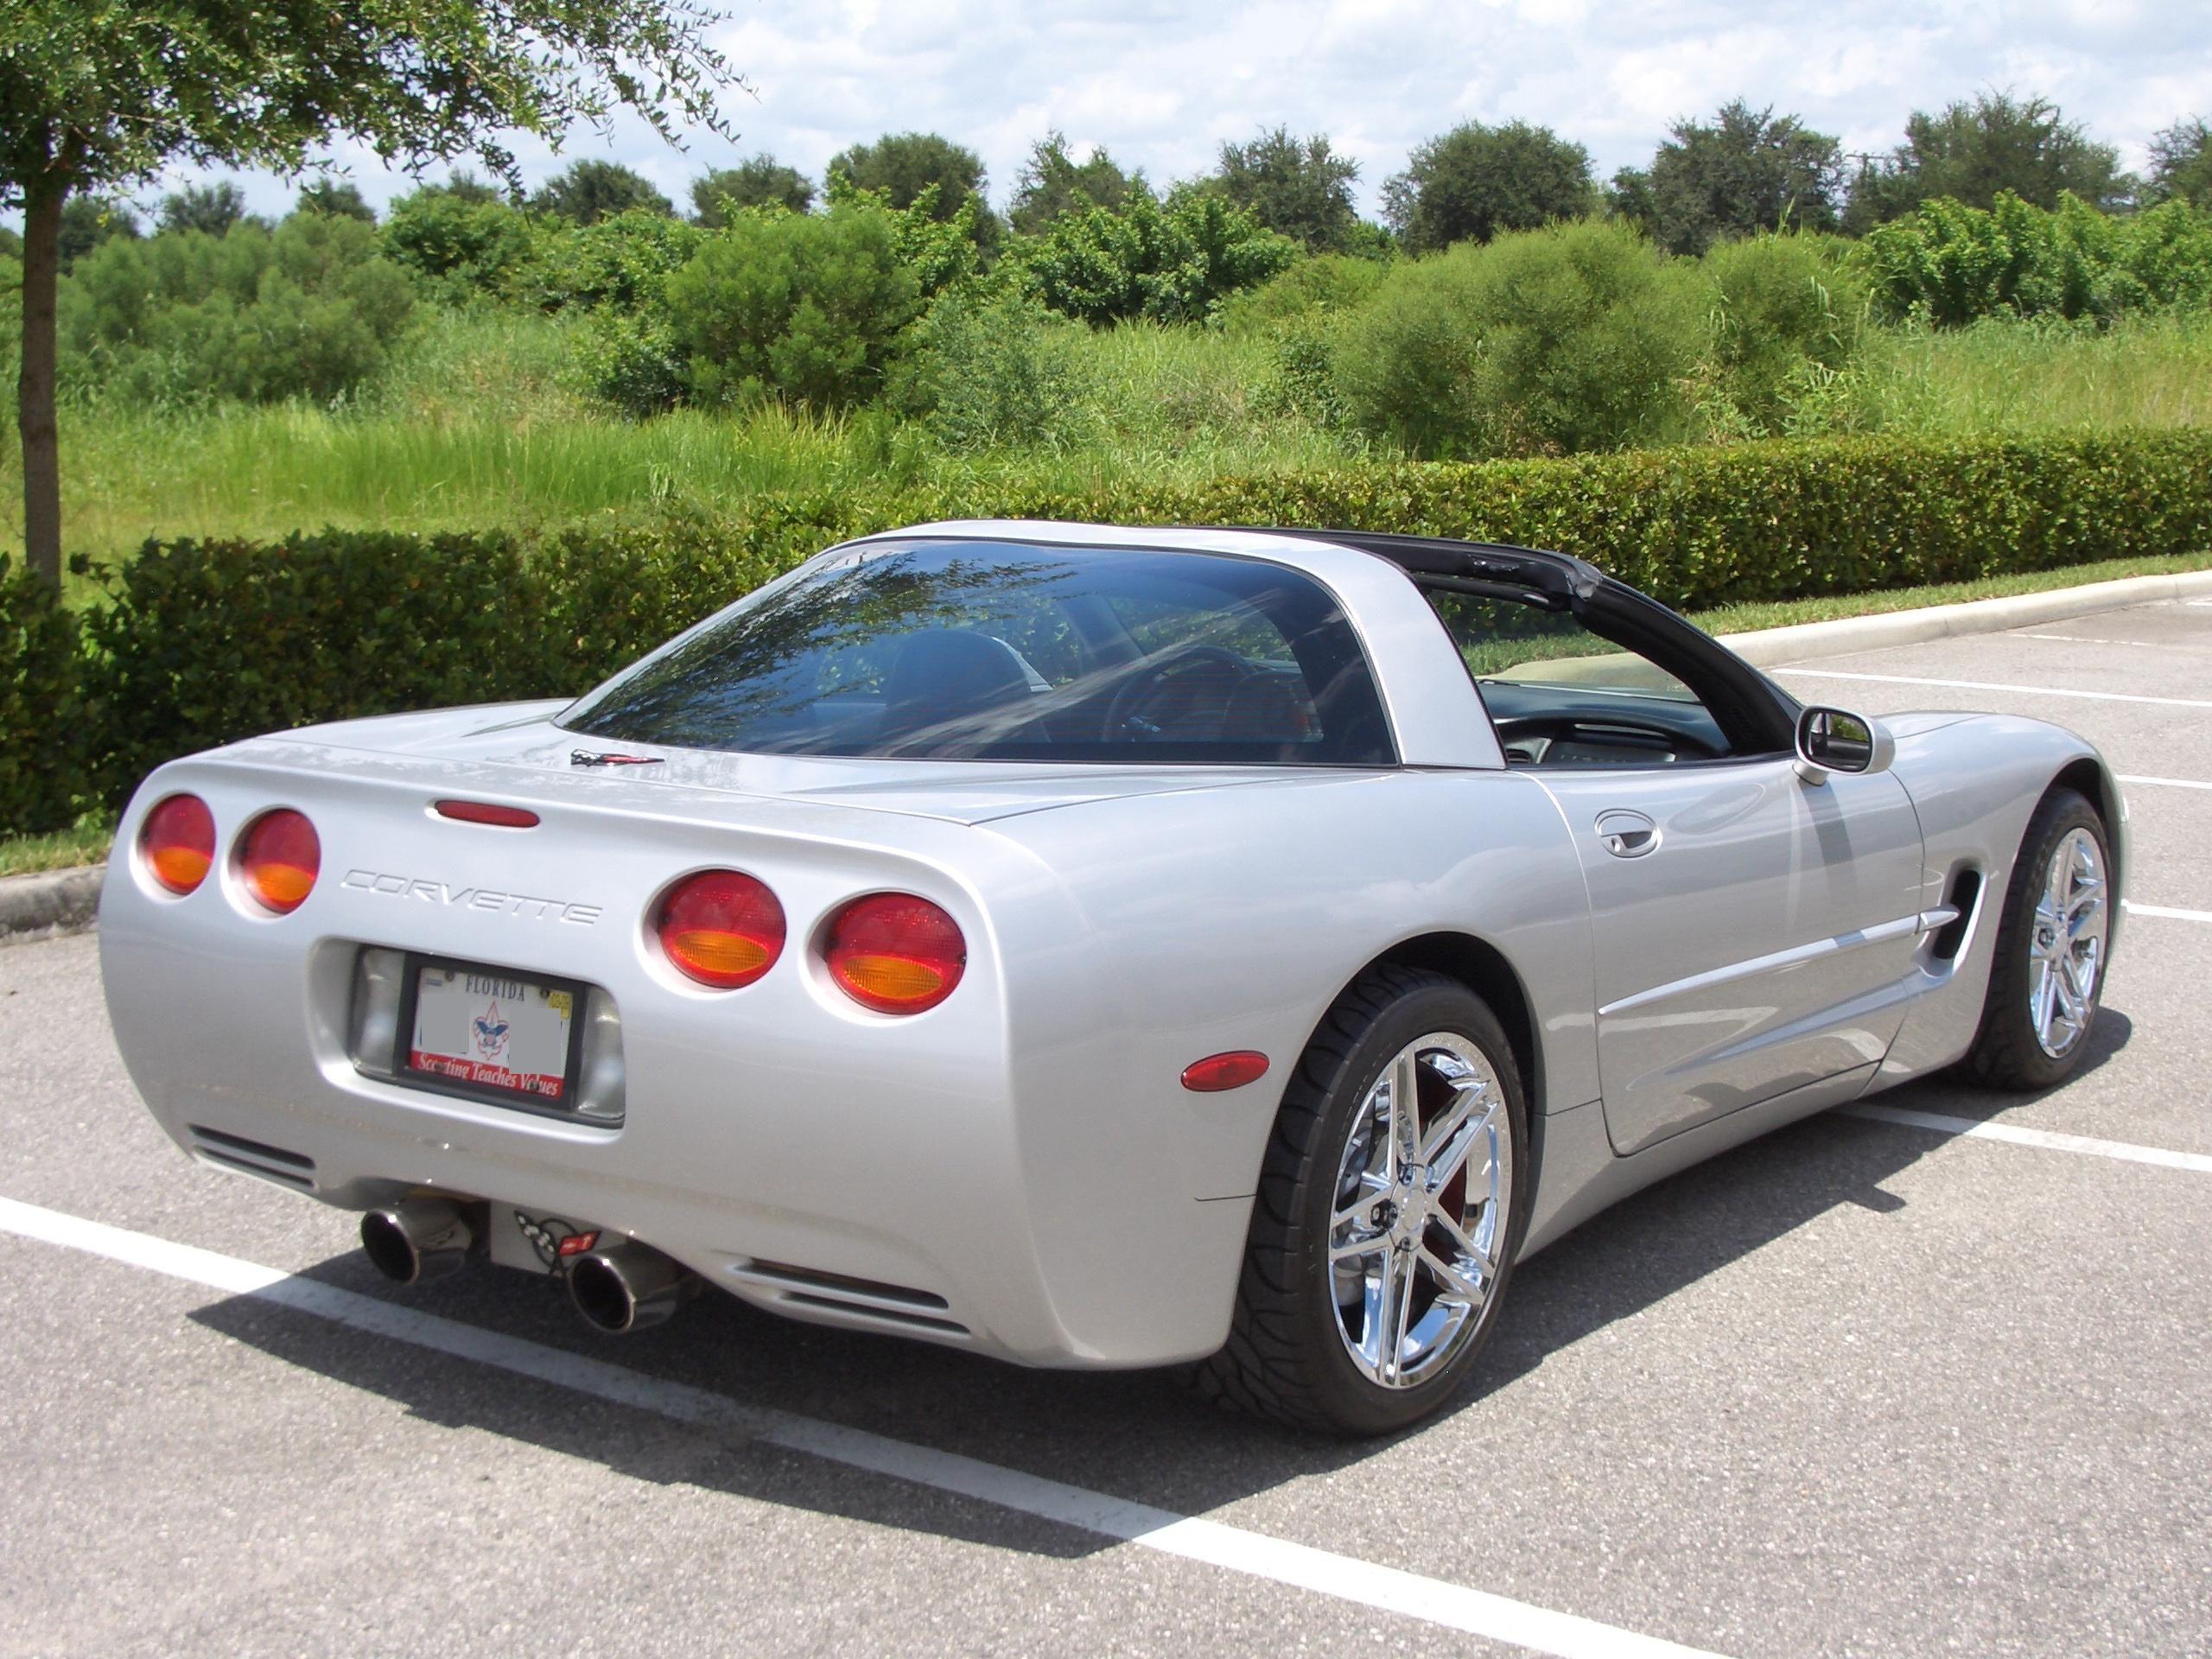 1997 Chevrolet Corvette C5 Coupe Pictures Information And Specs Corvette C5 Chevrolet Corvette Corvette